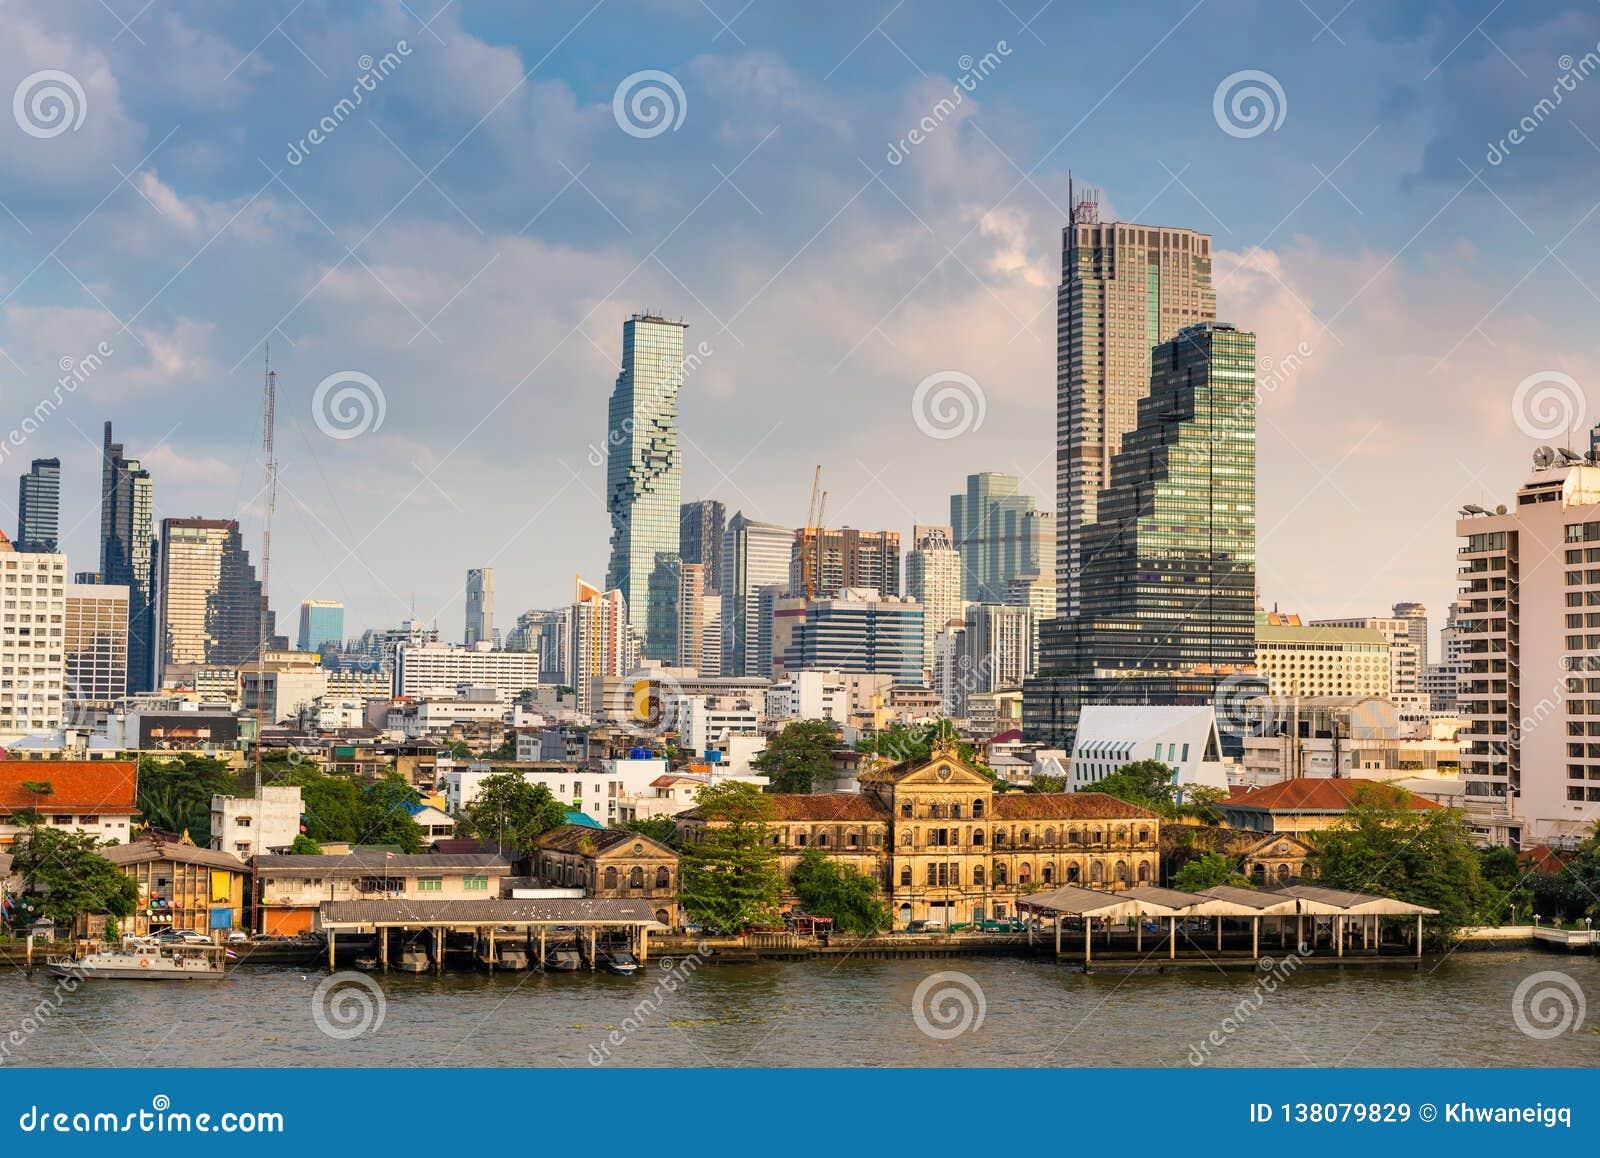 Paysage urbain de ville de Bangkok et bâtiments de gratte-ciel de la Thaïlande , Paysage des affaires et place financière de la T